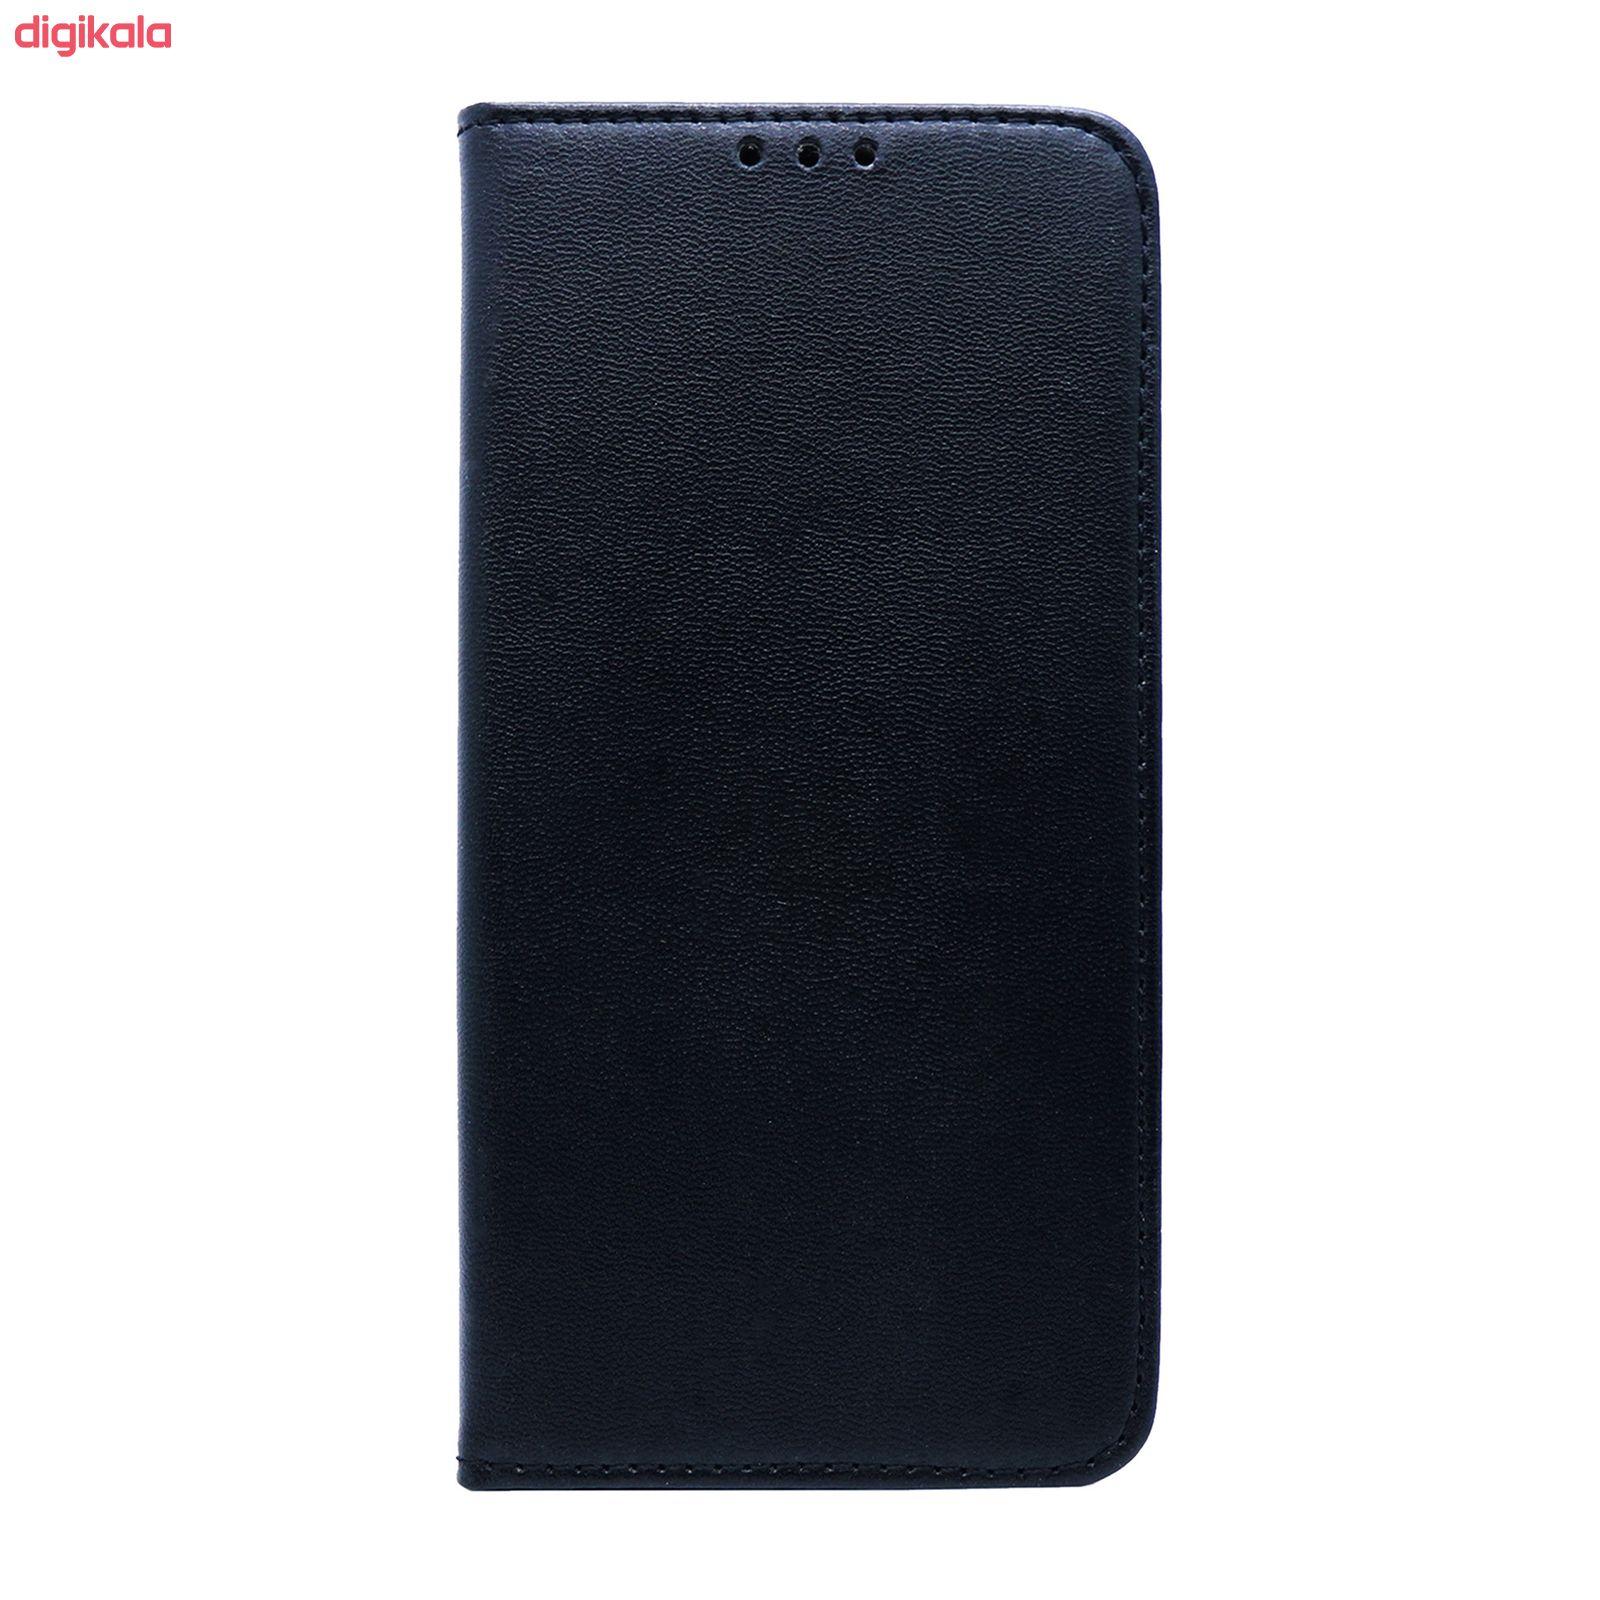 کیف کلاسوری مدل Class1 مناسب برای گوشی موبایل سامسونگ Galaxy A70 main 1 1